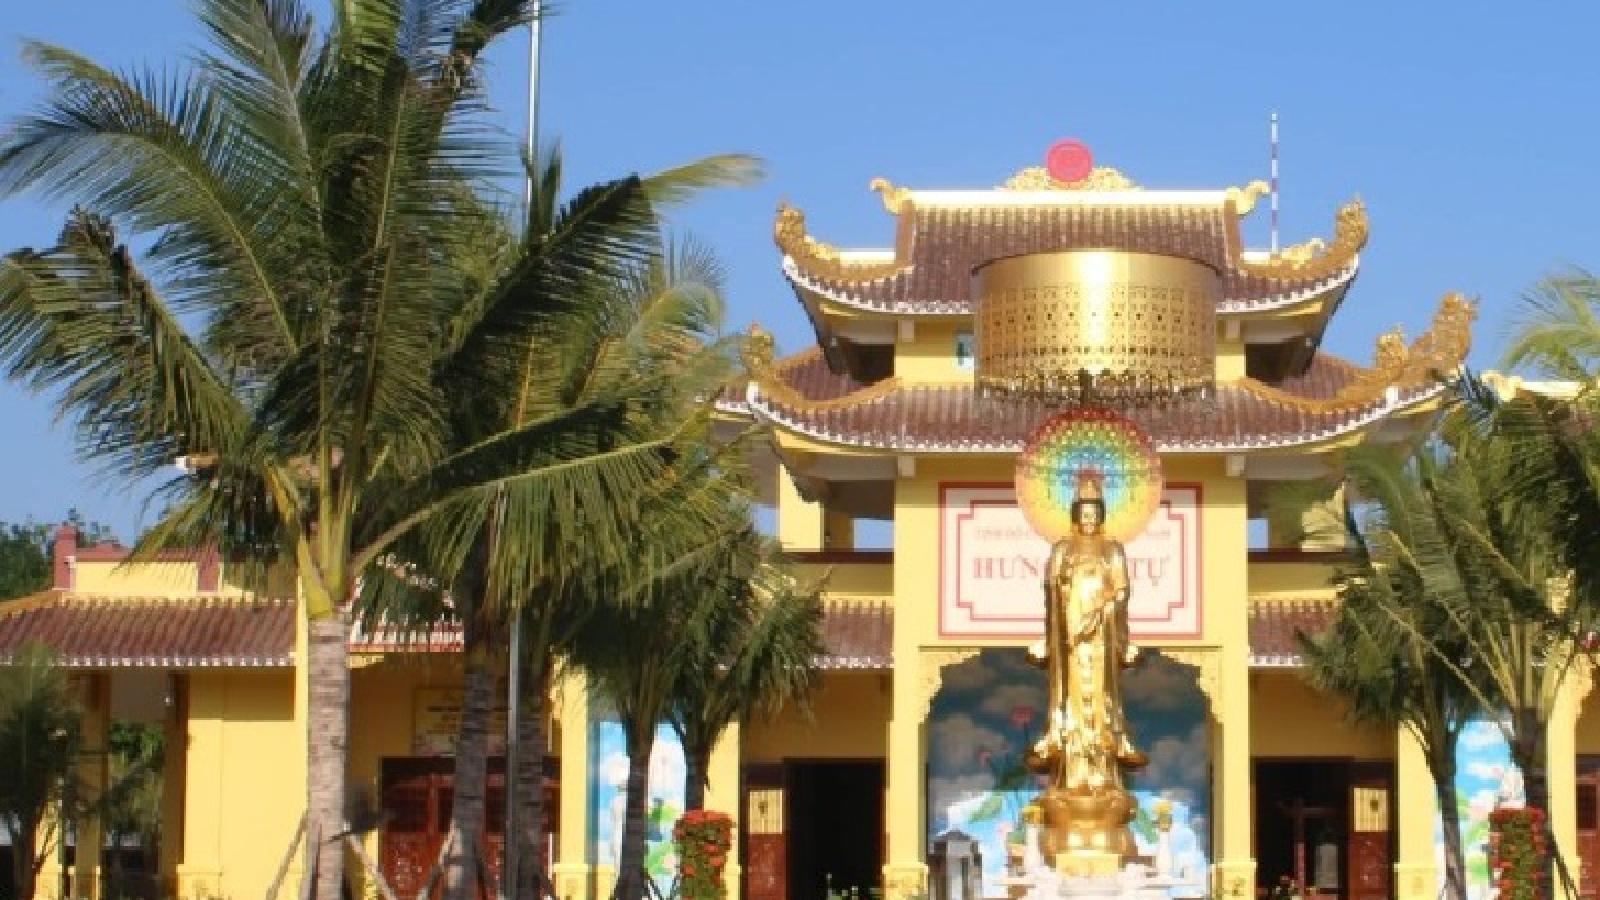 Sở Y tế Bình Thuận báo cáo việc hành nghề của ông Võ Hoàng Yên